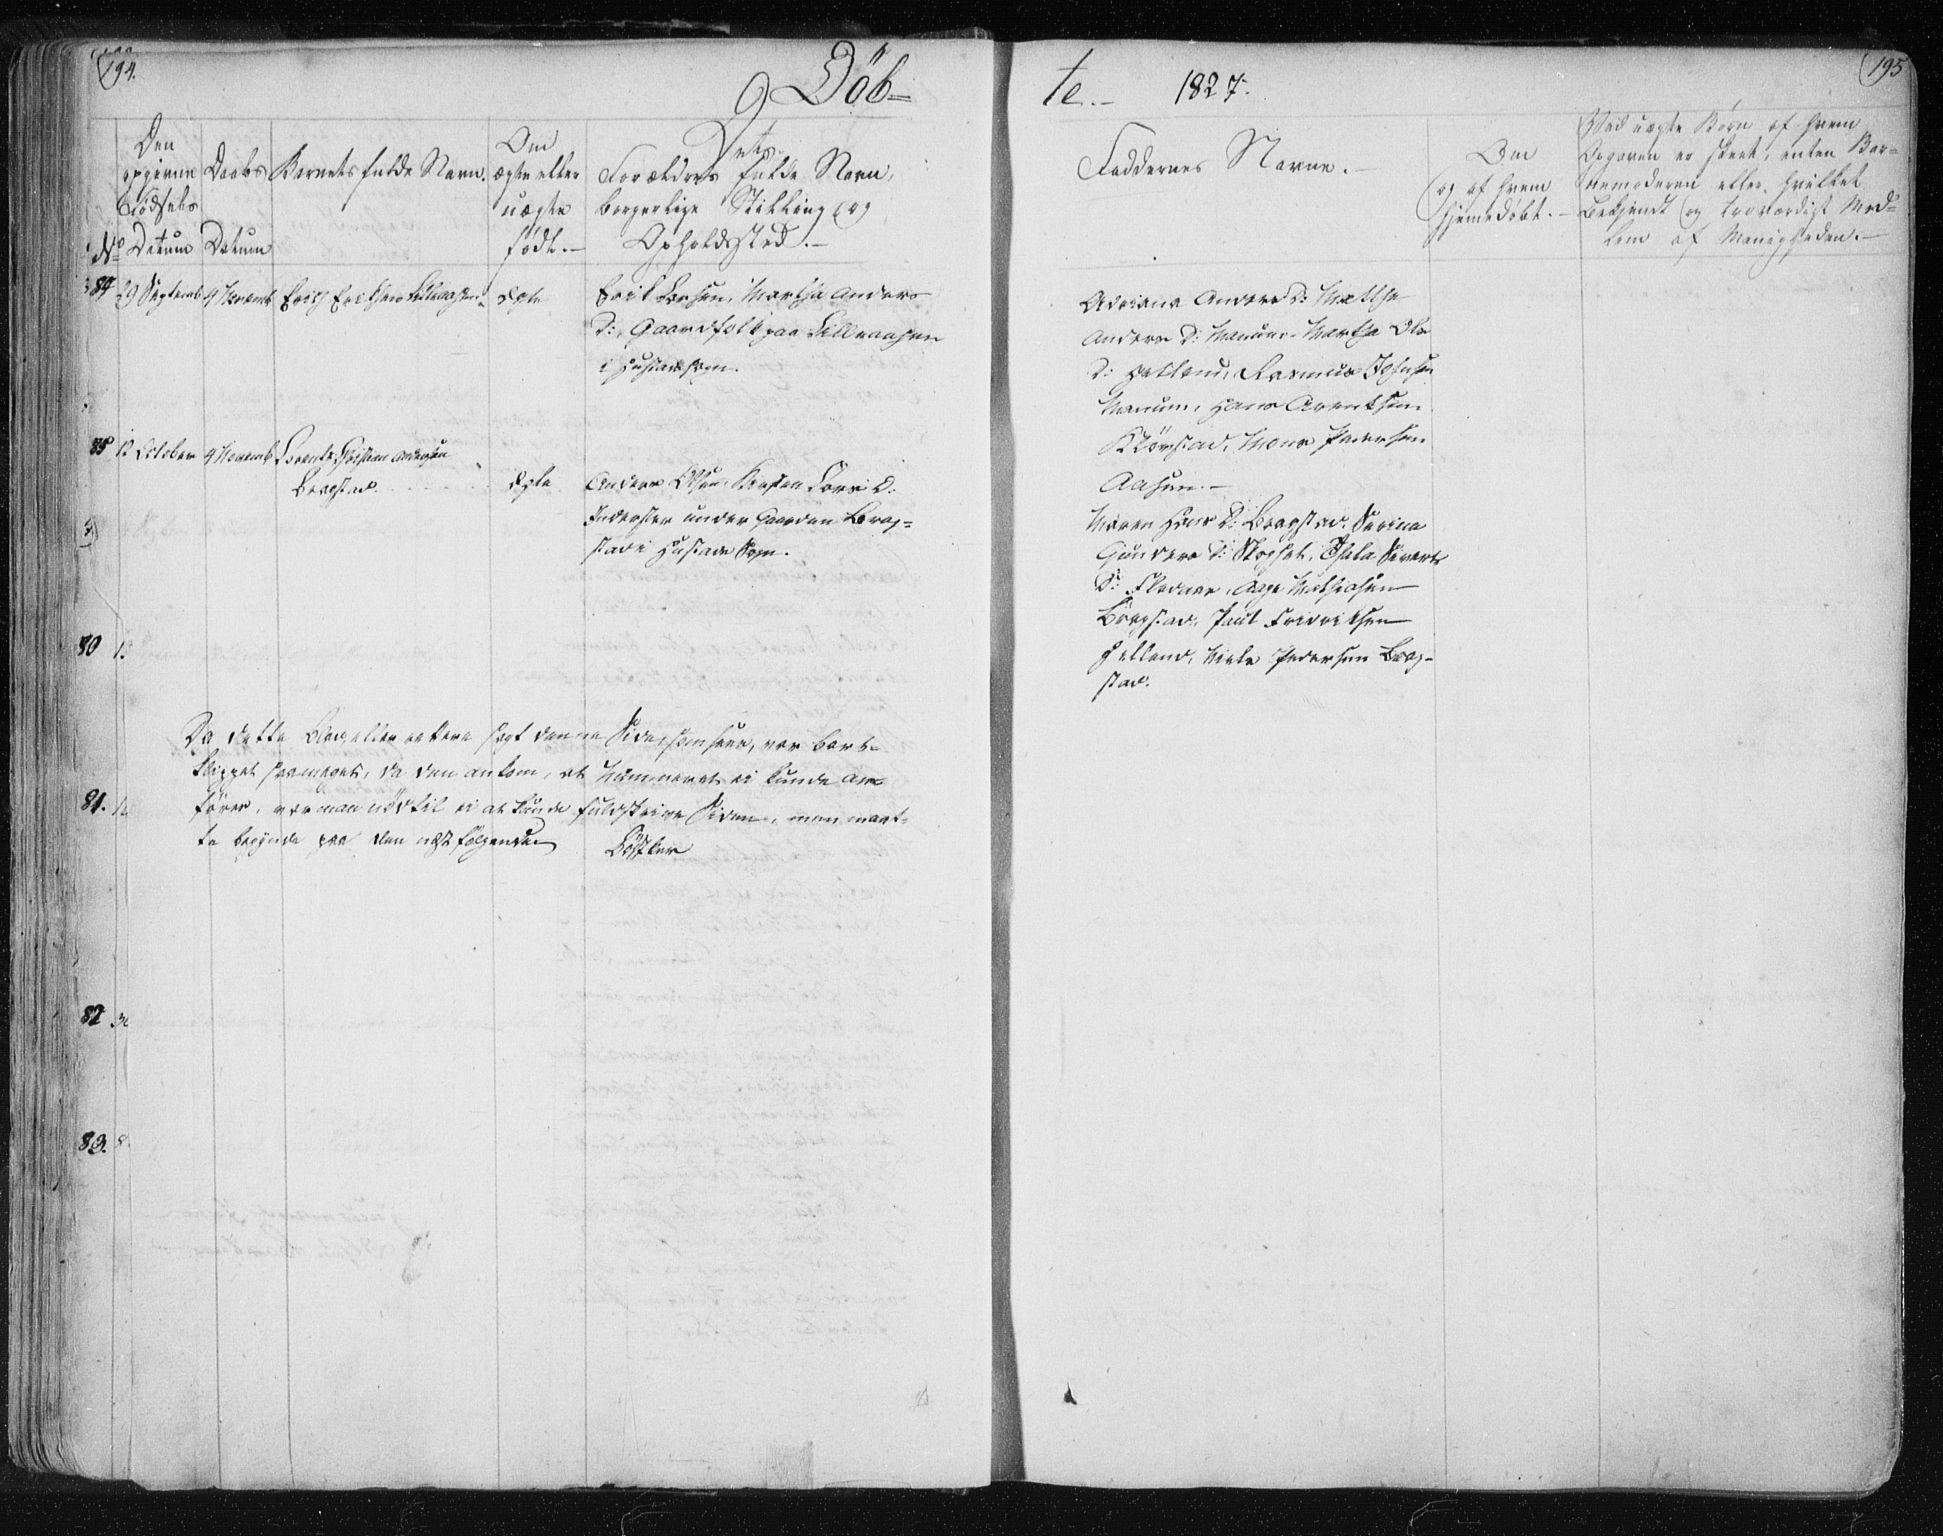 SAT, Ministerialprotokoller, klokkerbøker og fødselsregistre - Nord-Trøndelag, 730/L0276: Ministerialbok nr. 730A05, 1822-1830, s. 194-195